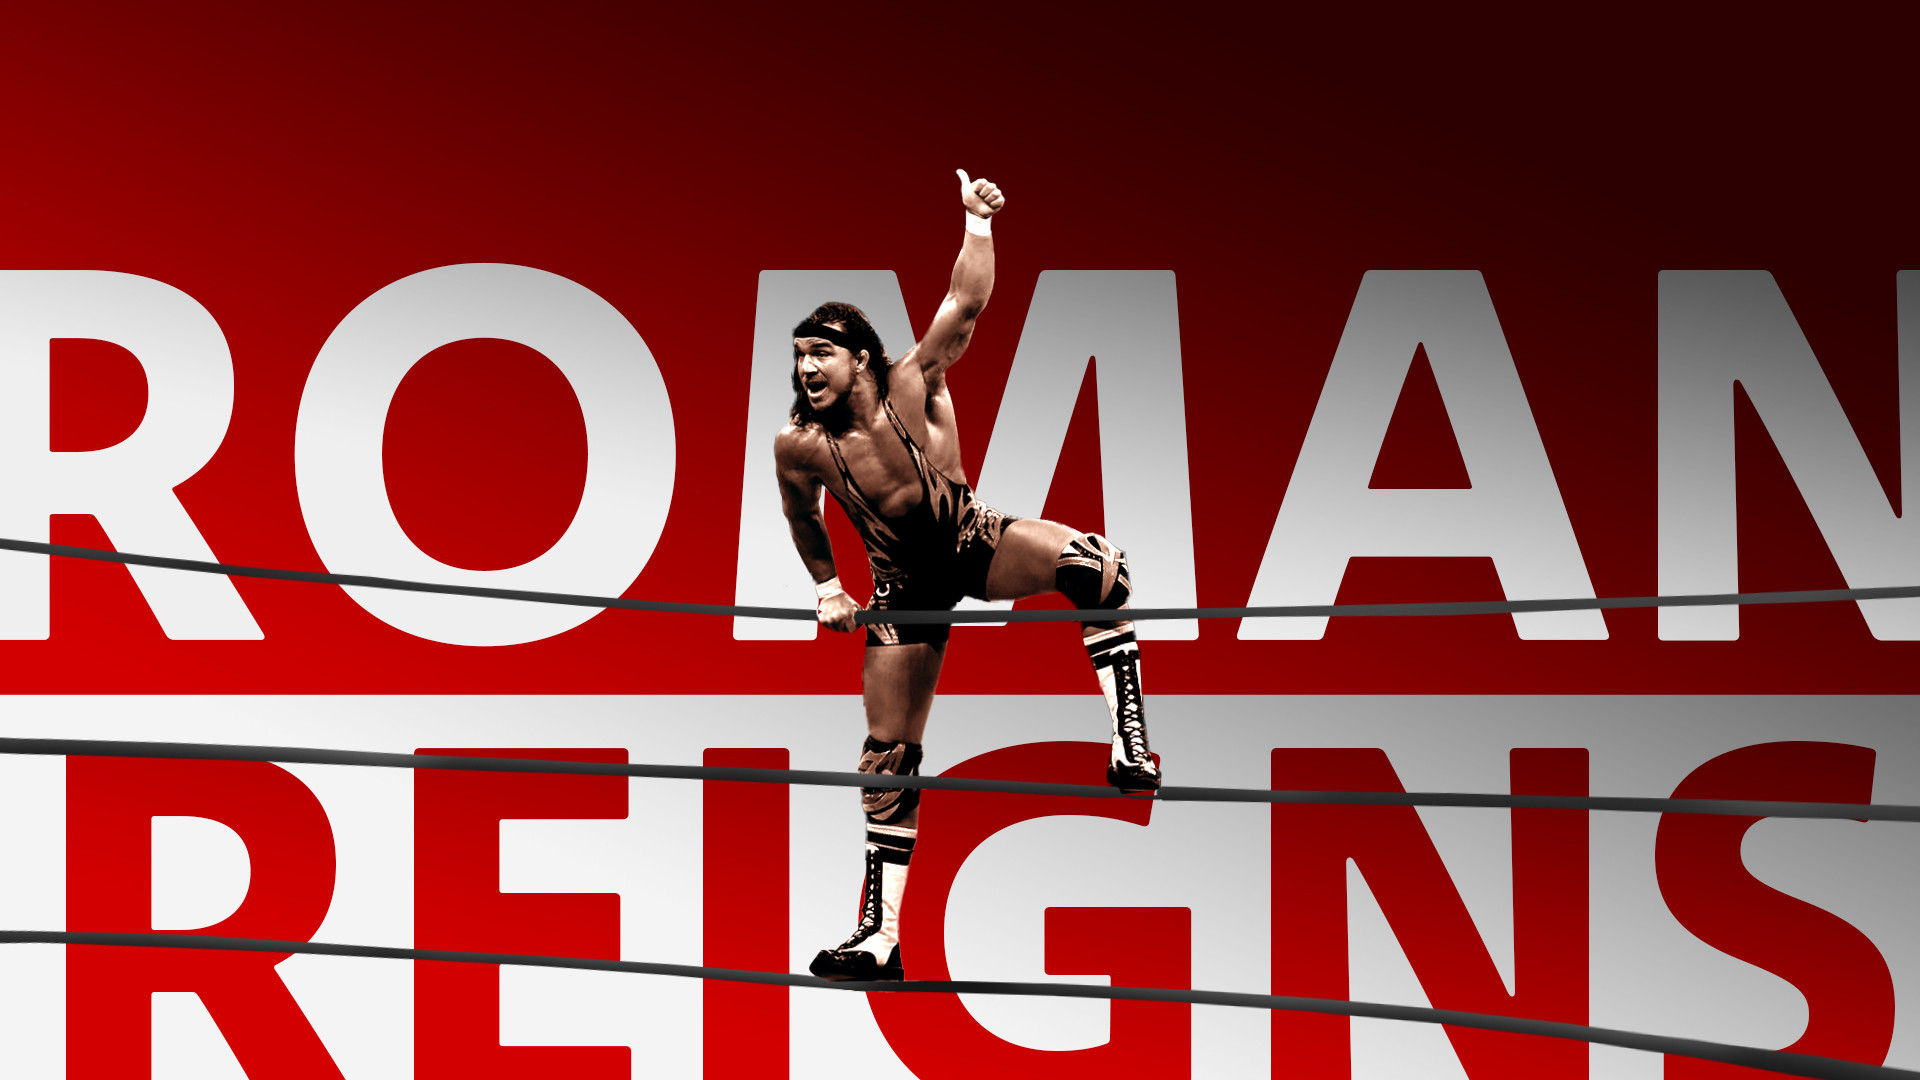 WWE_Storyboard_BUMPERArtboard 3.jpg